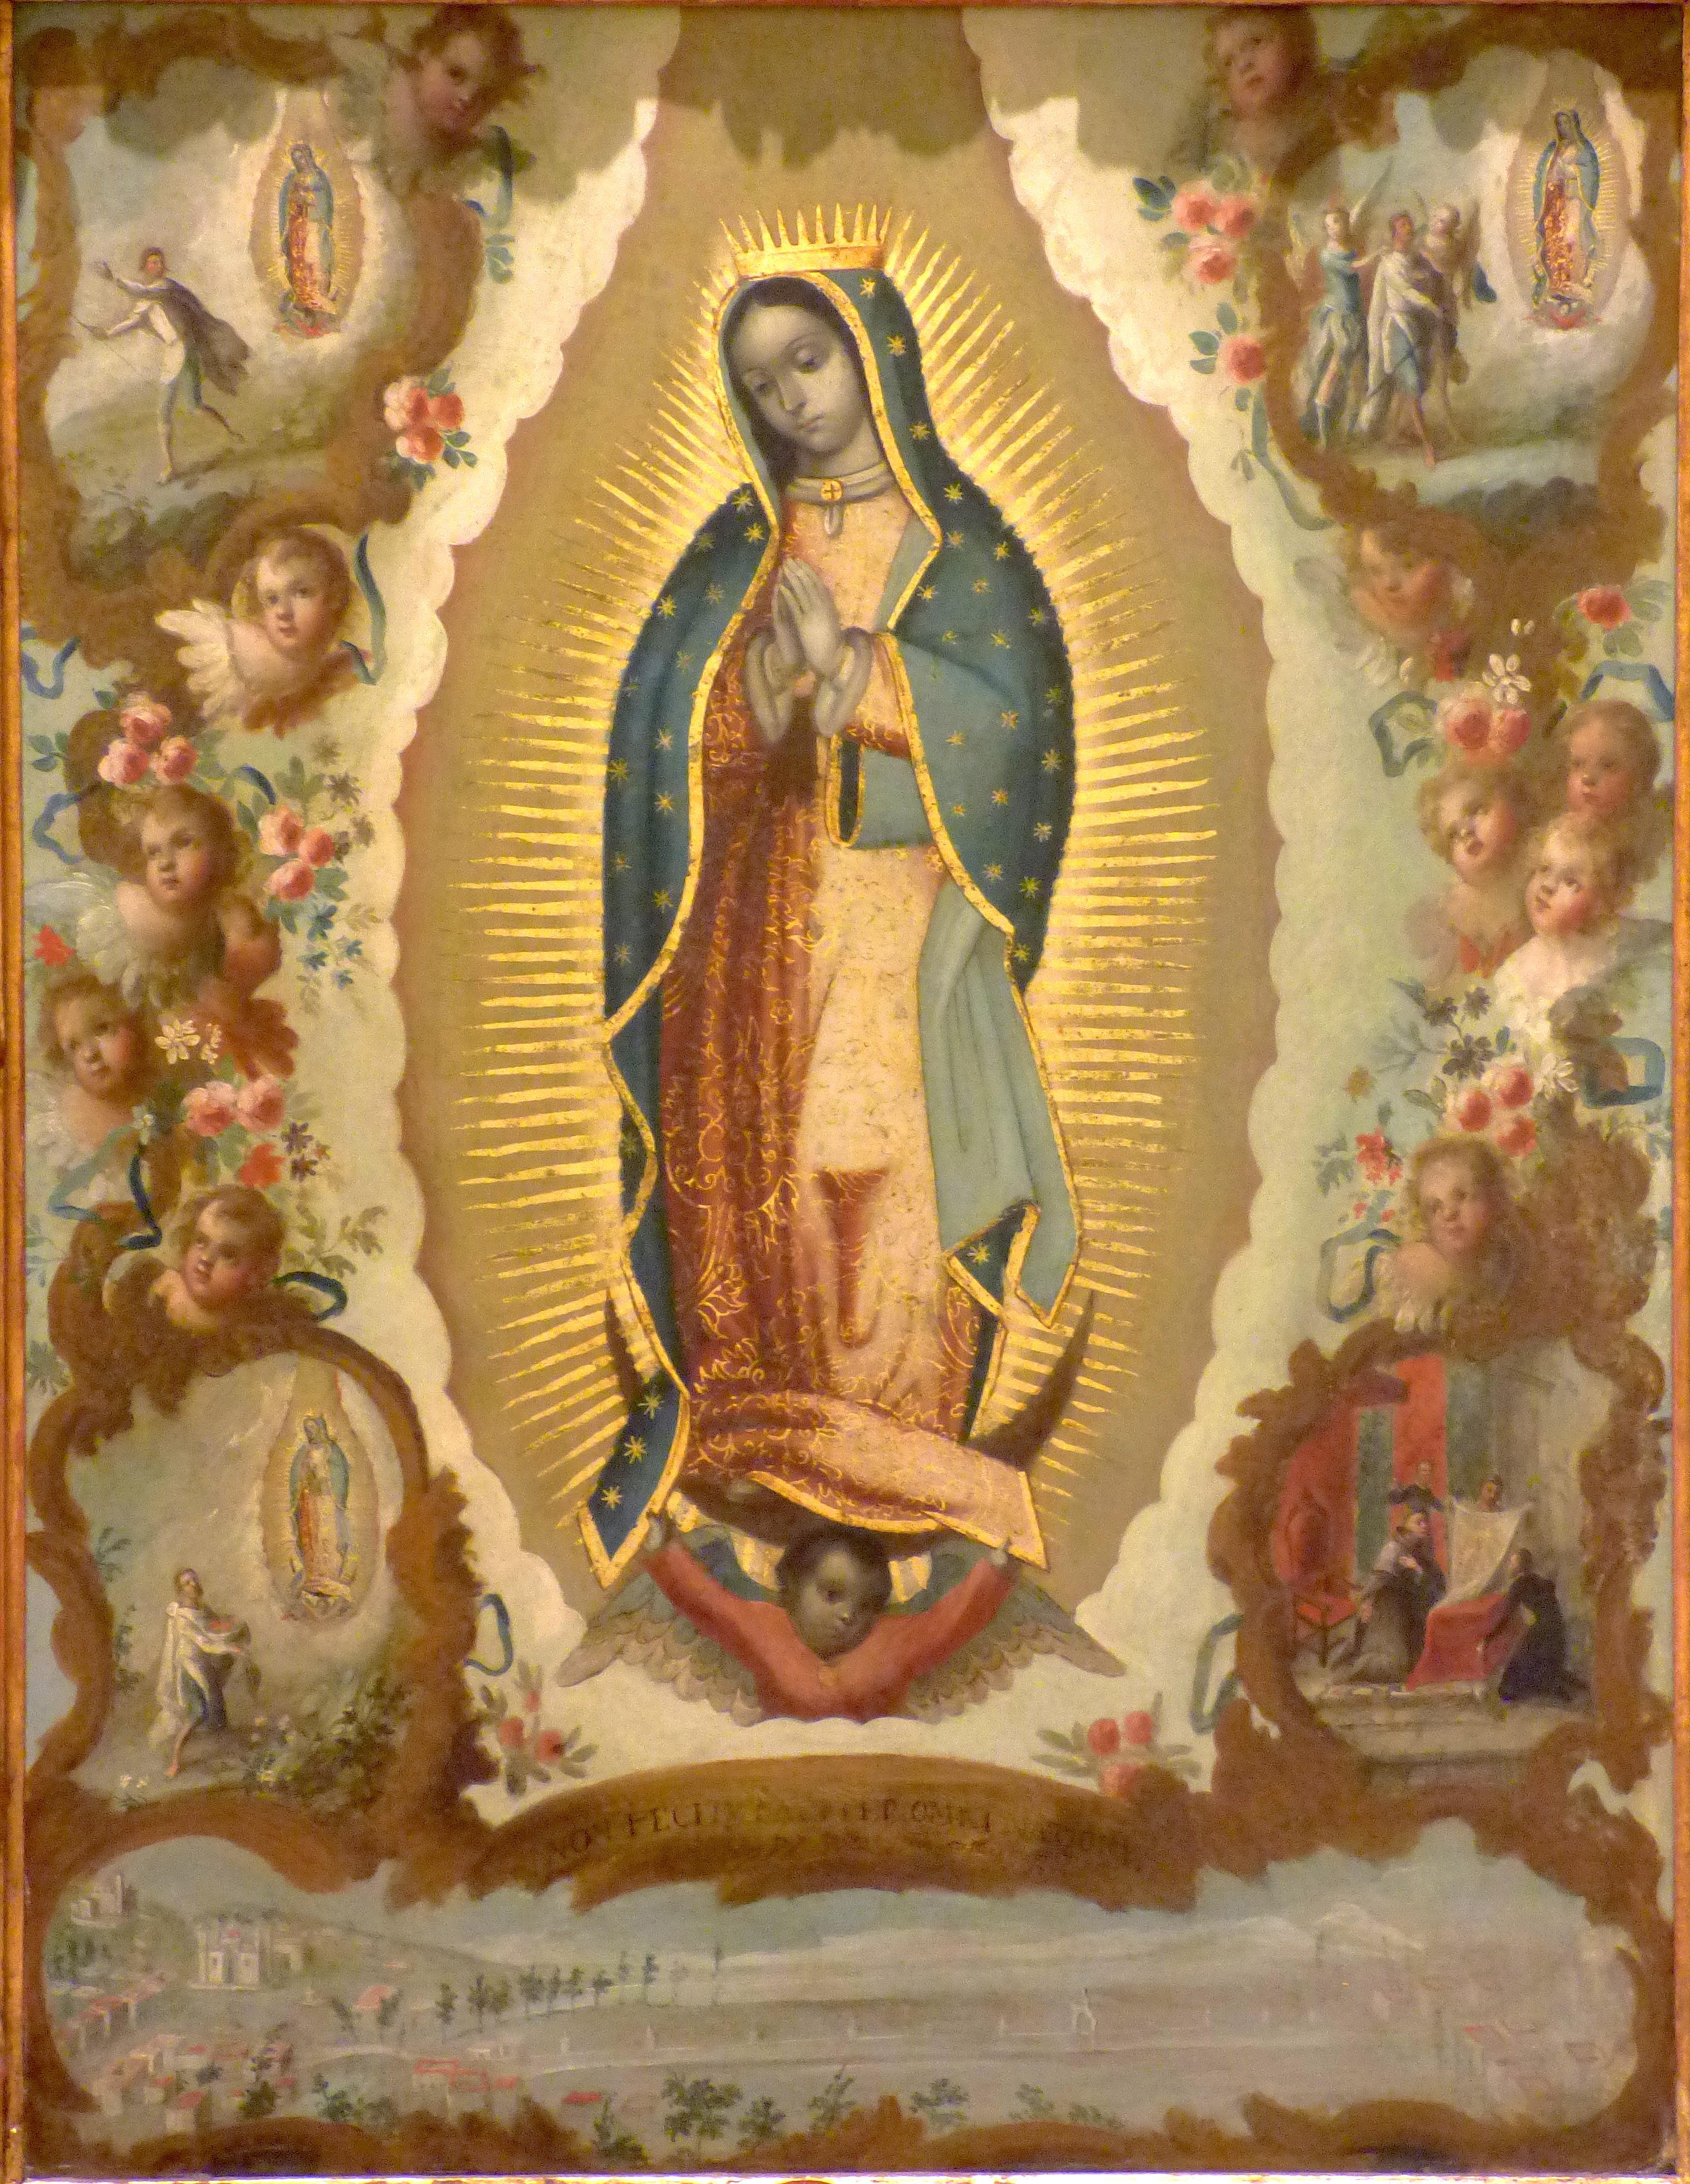 image Mary mexicana le da risa que se la metan por el culo